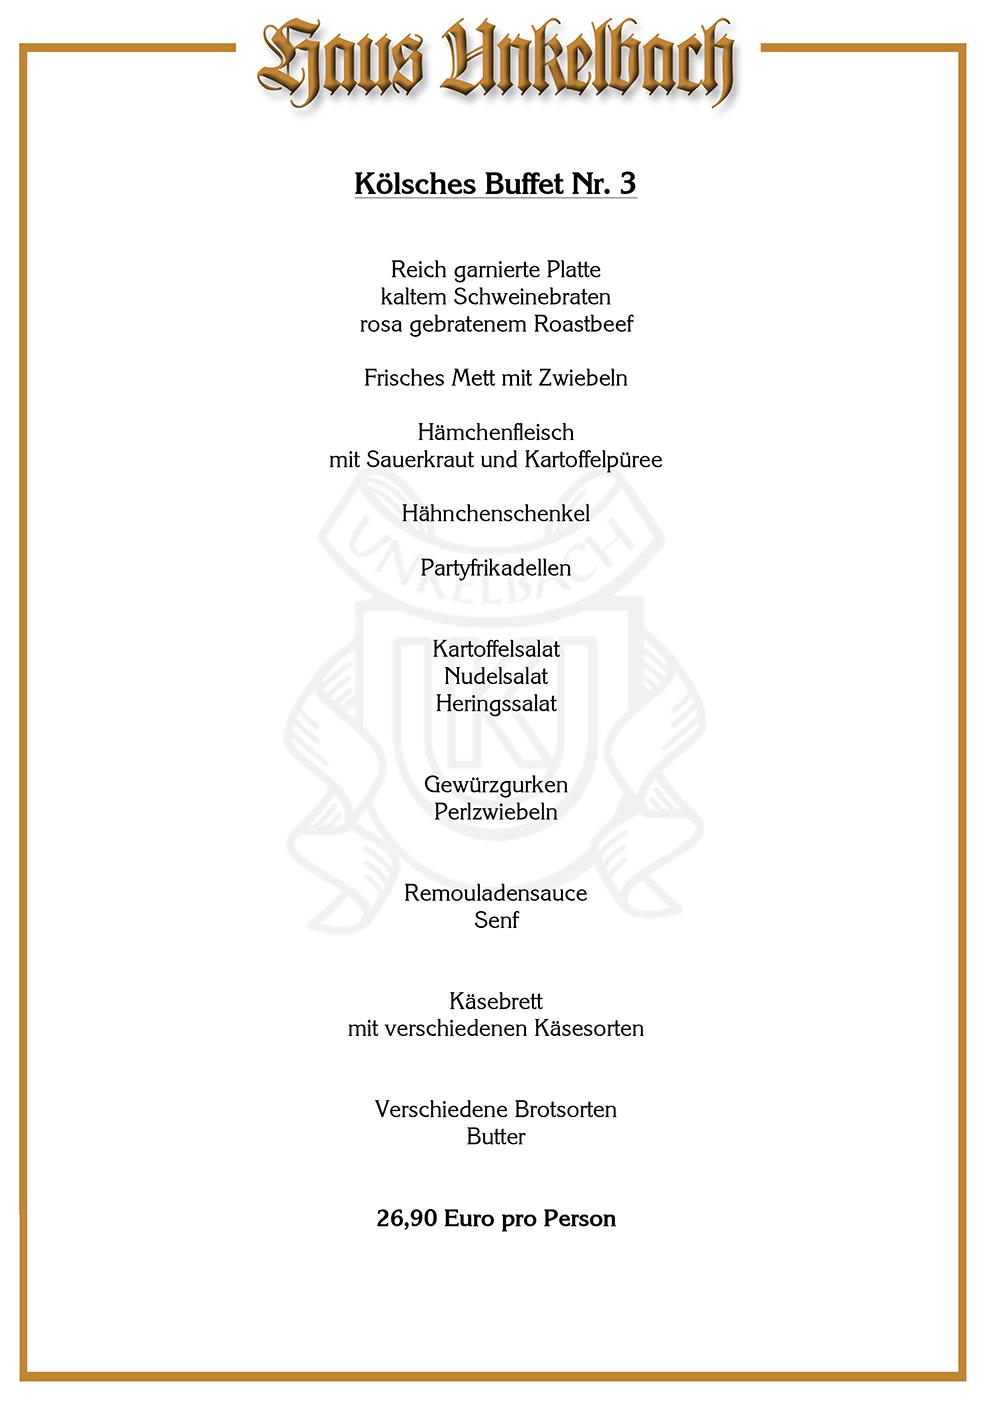 KoelschesBuffet_3